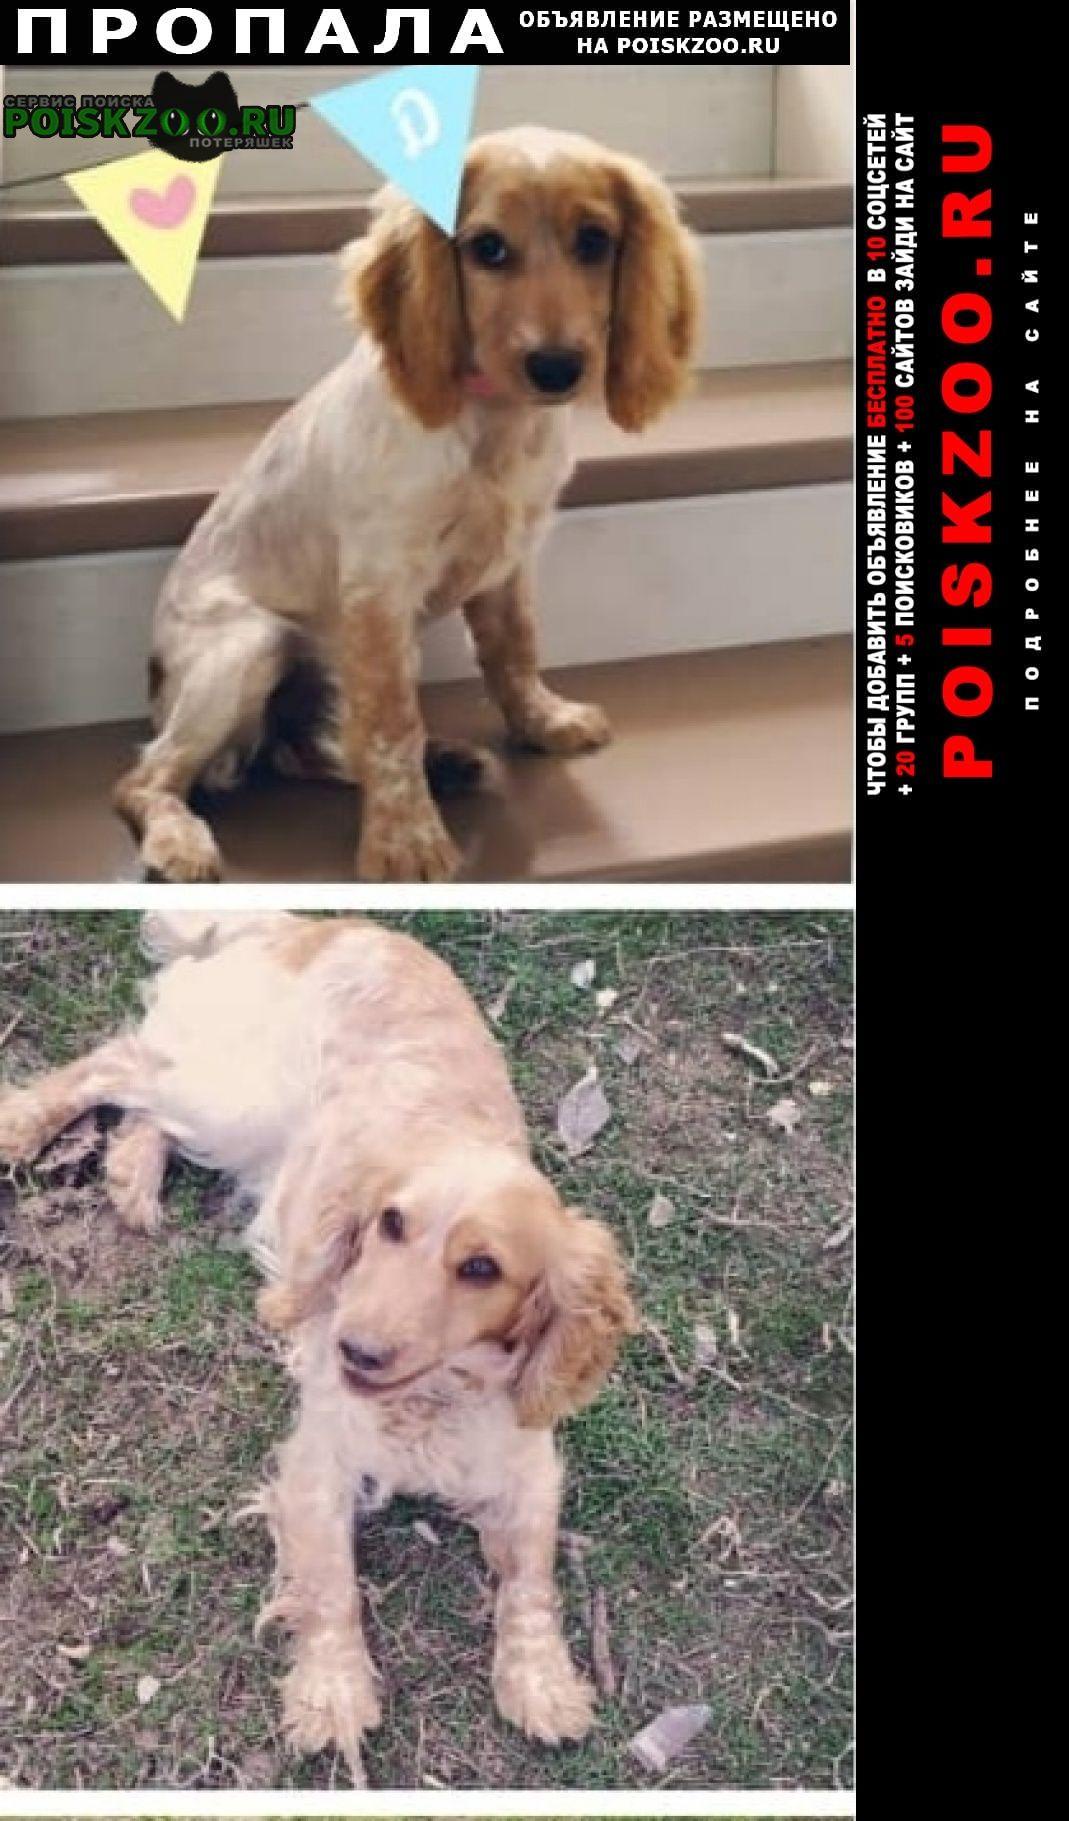 Пропала собака русский спаниель Саратов